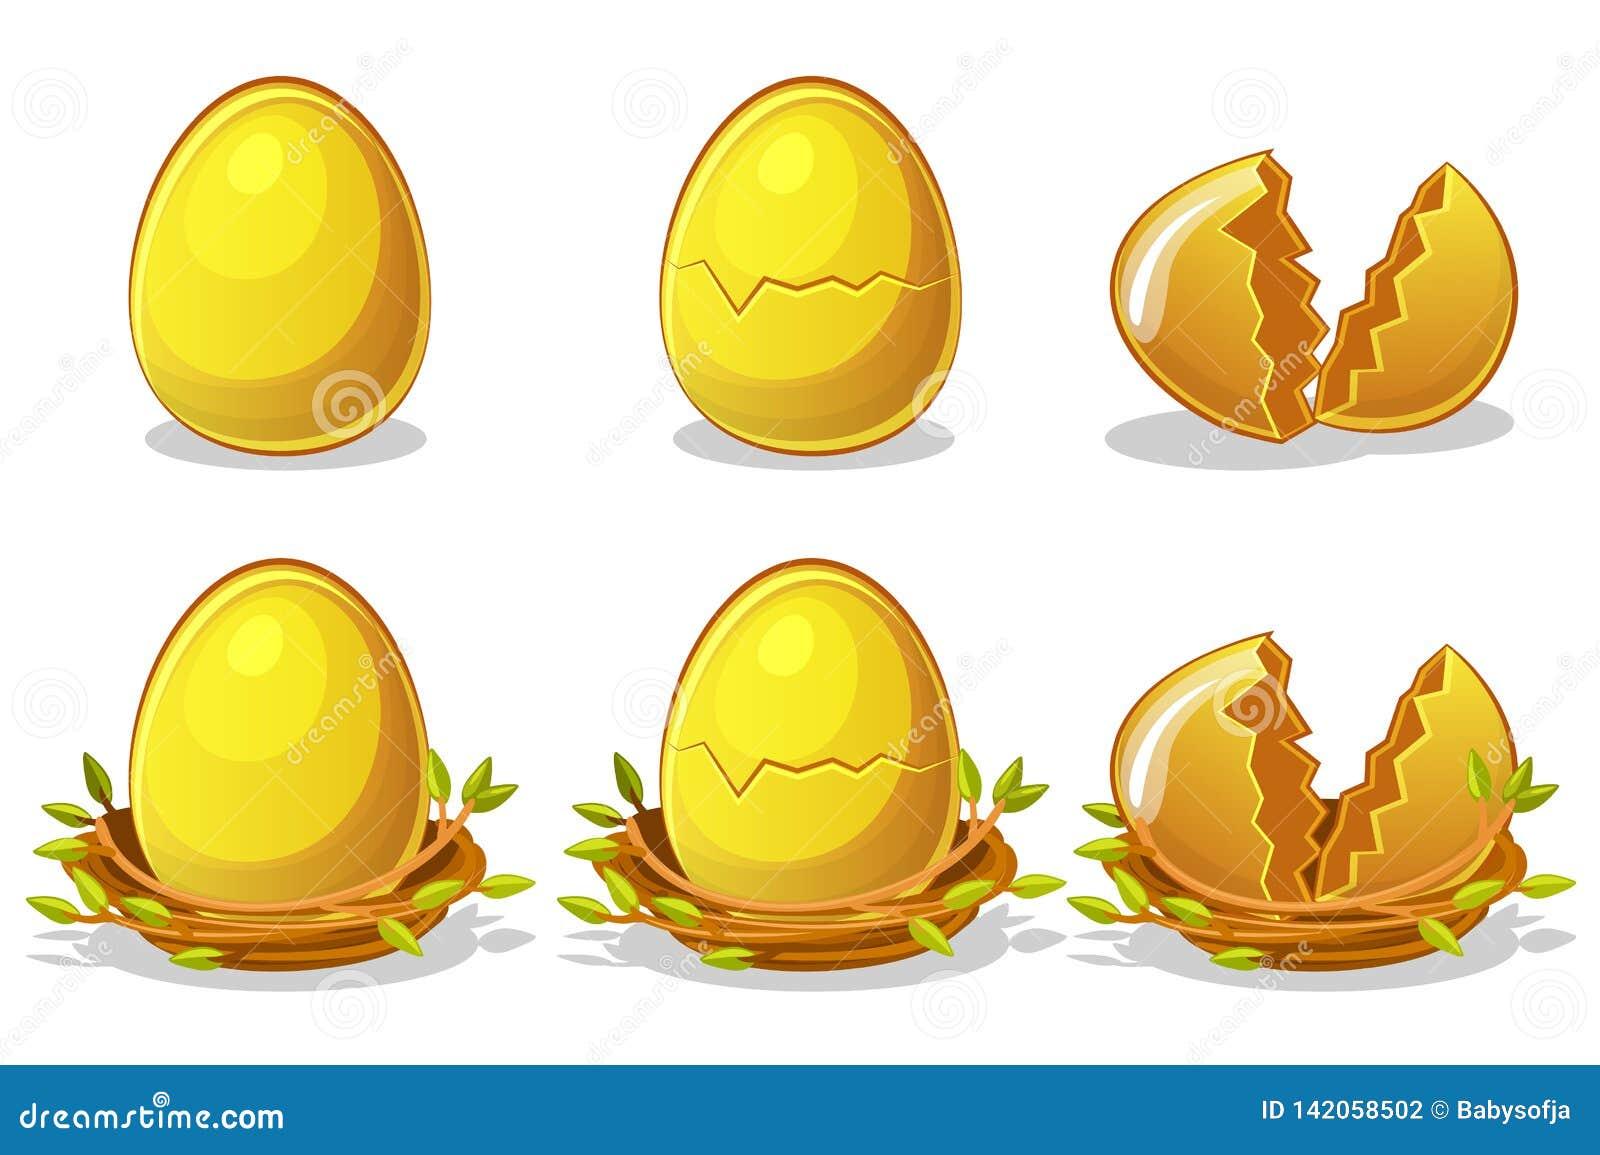 Goldene Eier im Vogelnest von Zweigen Vektor-Ostern-Symbol Normal, beschädigt und gebrochen